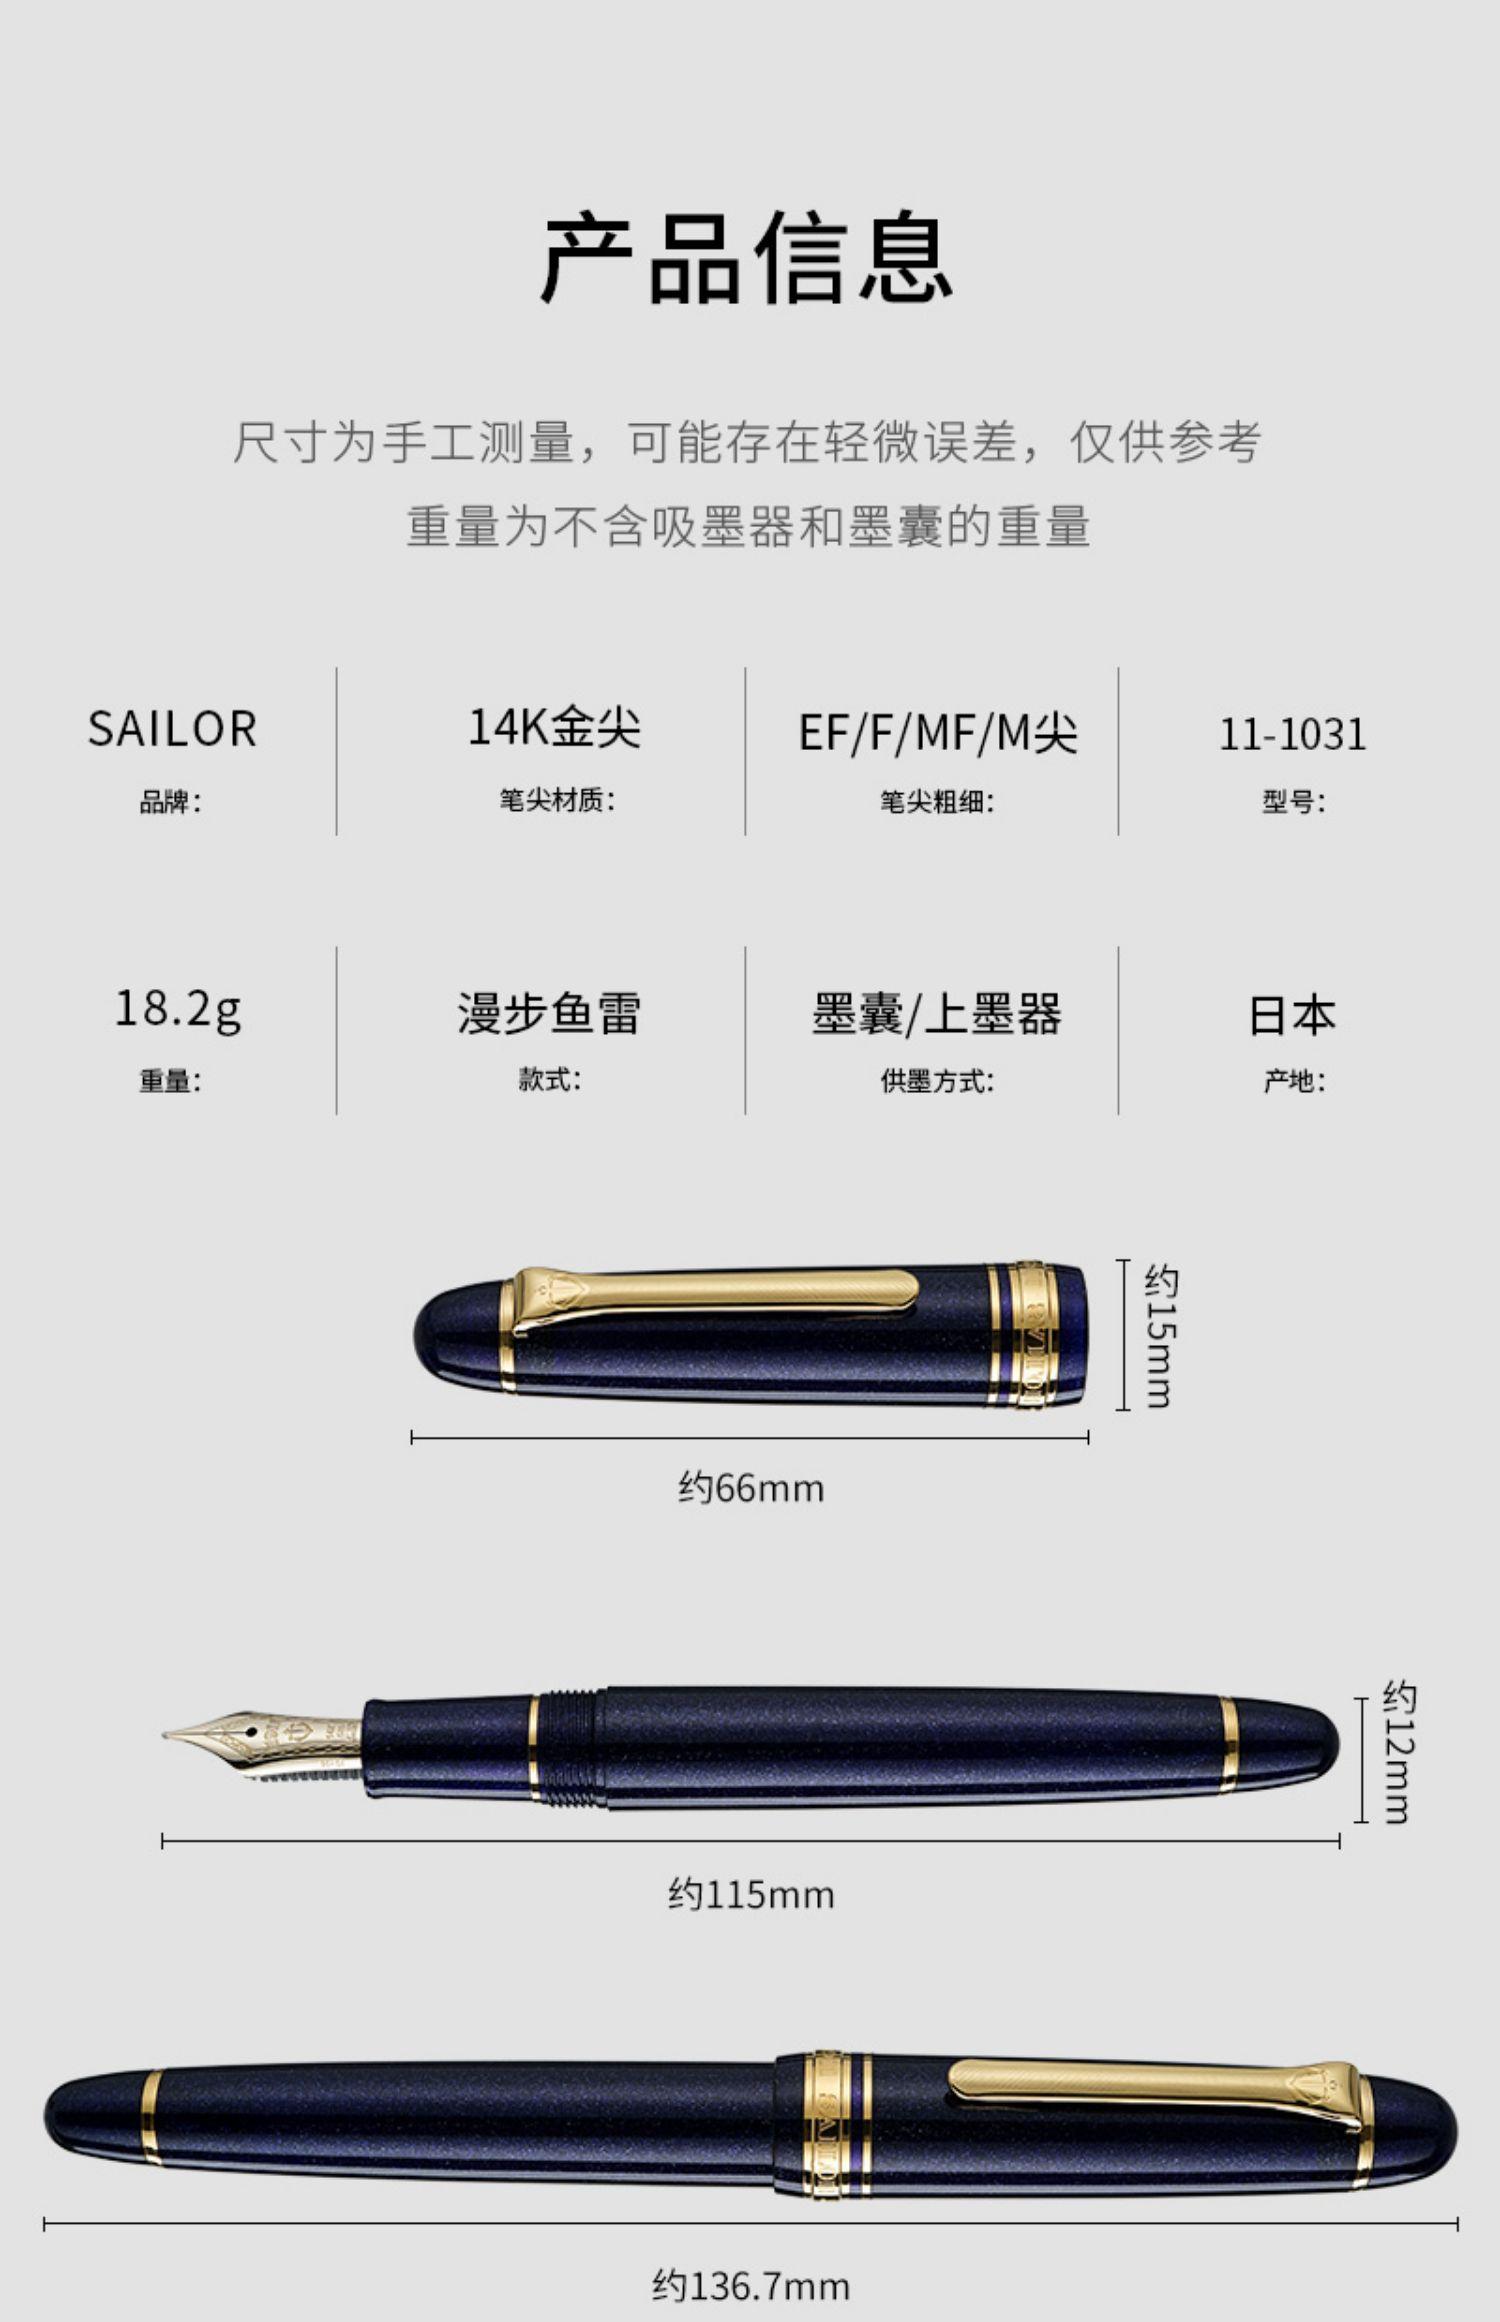 紅帽子新款 日本SAILOR寫樂 1031鋼筆 14K金尖漫步魚雷 PROMENADE珠光藍1033